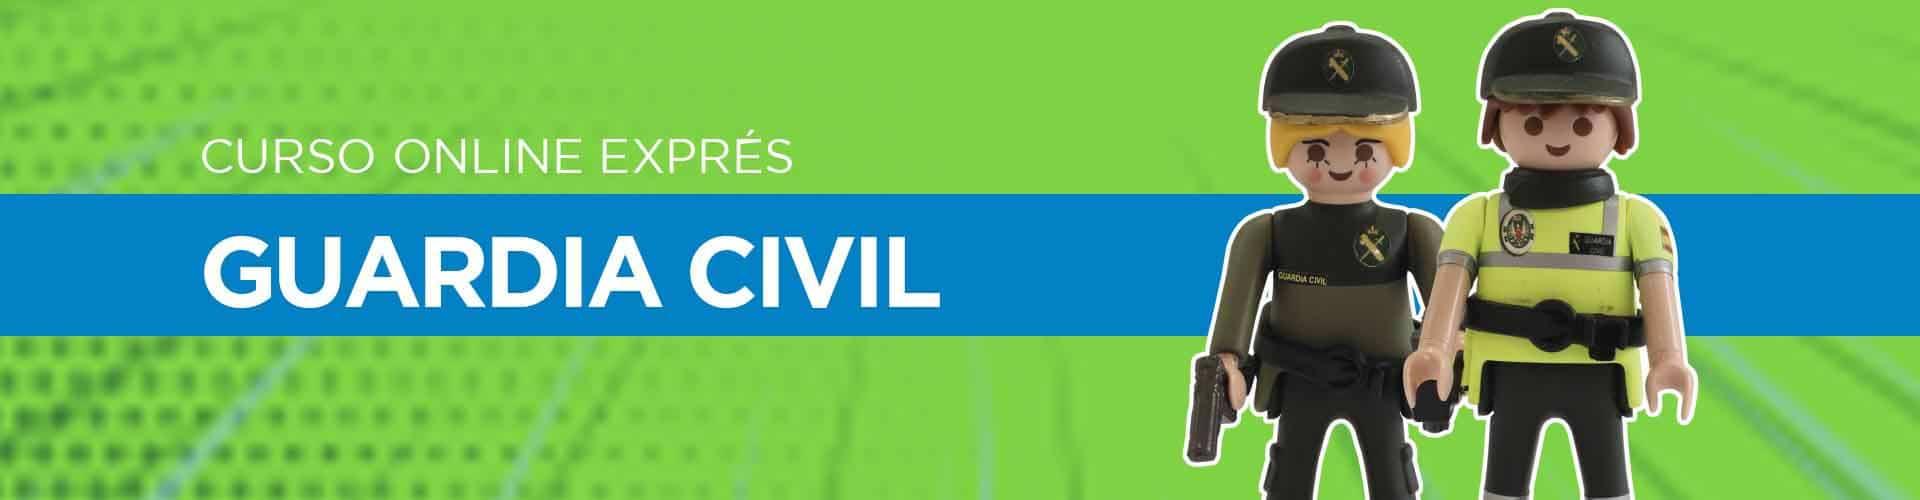 Curso de Guardia Civil Exprés Online de Academia Fonseca